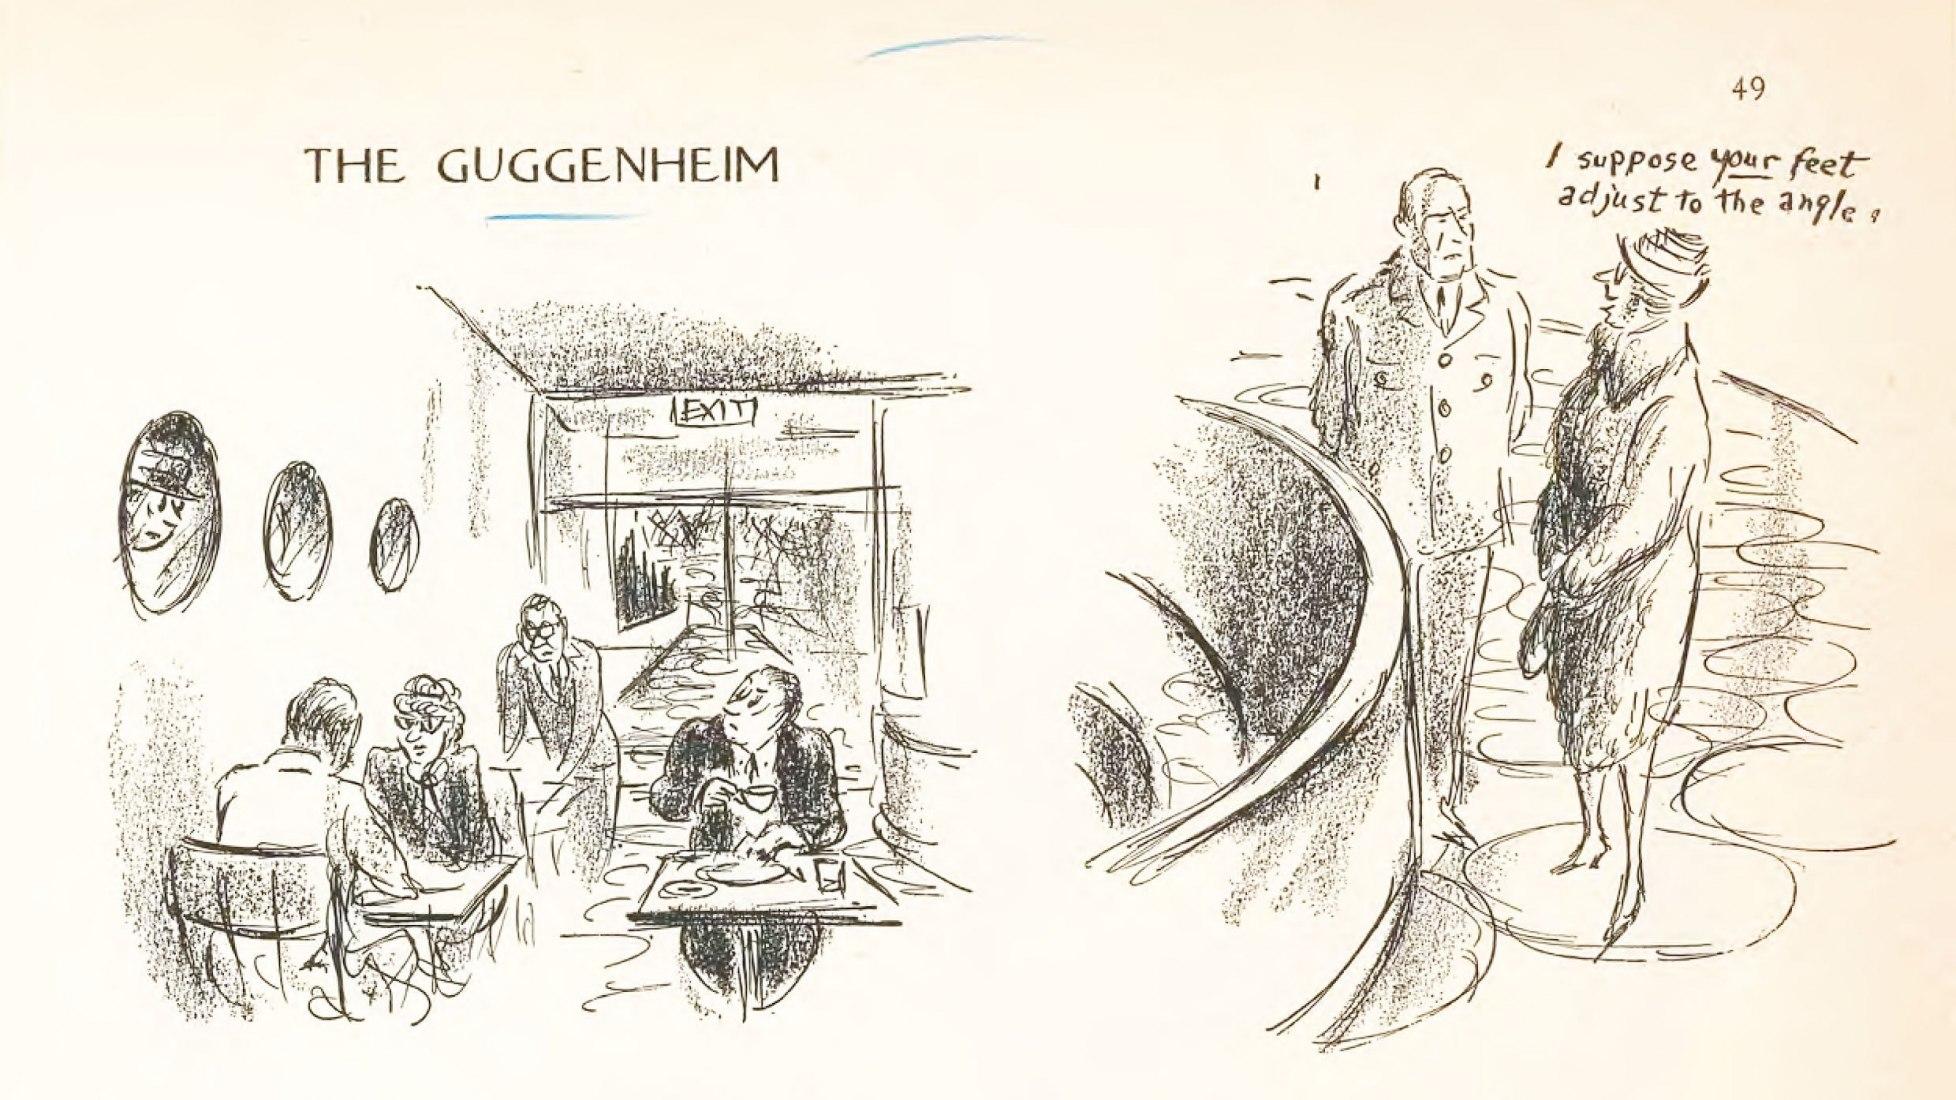 Ilustración de Alan Dunn, tras la inauguración el 21 de octubre de 1959. Cortesía de The New Yorker